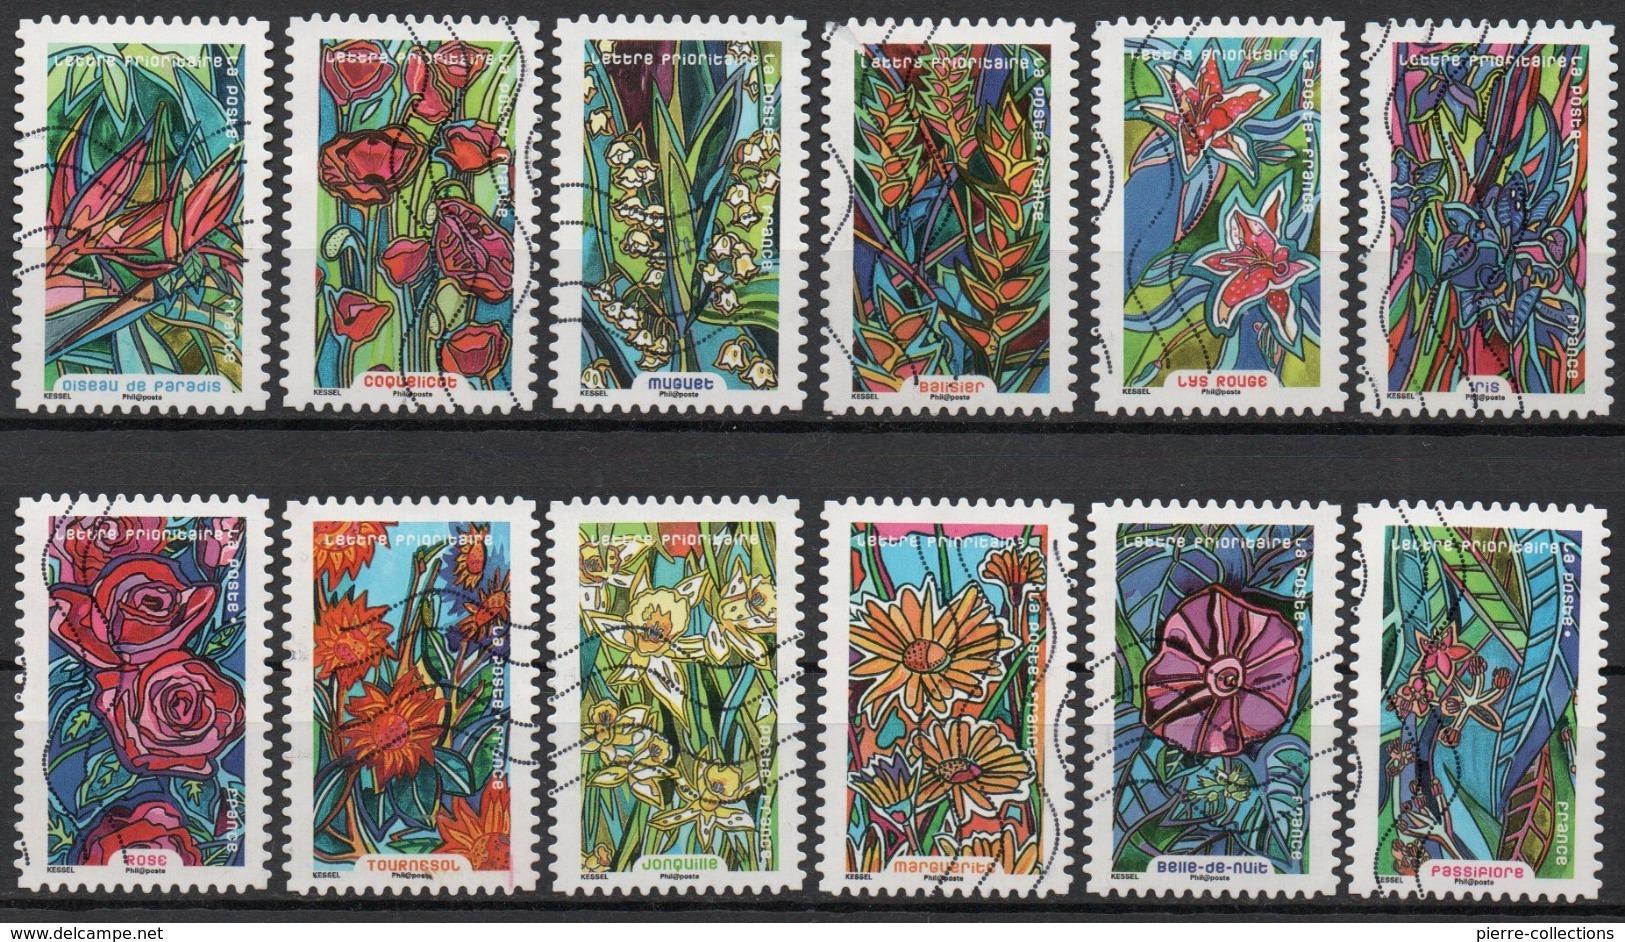 France - Adhésifs N° 1300 à 1311 Oblitérés - Série Complète - Botanique - Fleurs - Francia